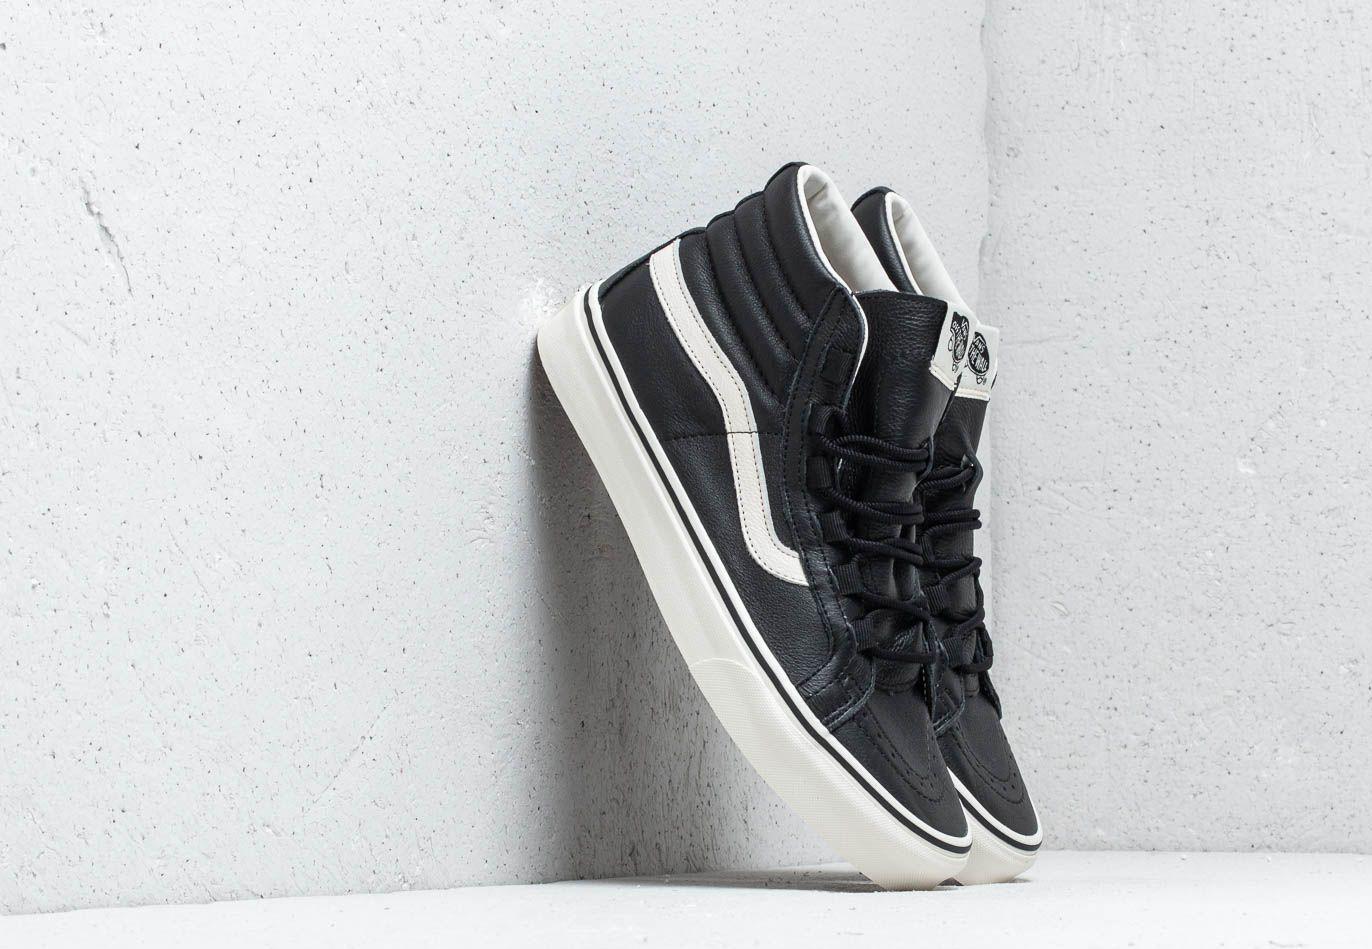 Vans Sk8-Hi Reissue Ghillie (Leather) Black/ Marshmallow EUR 37